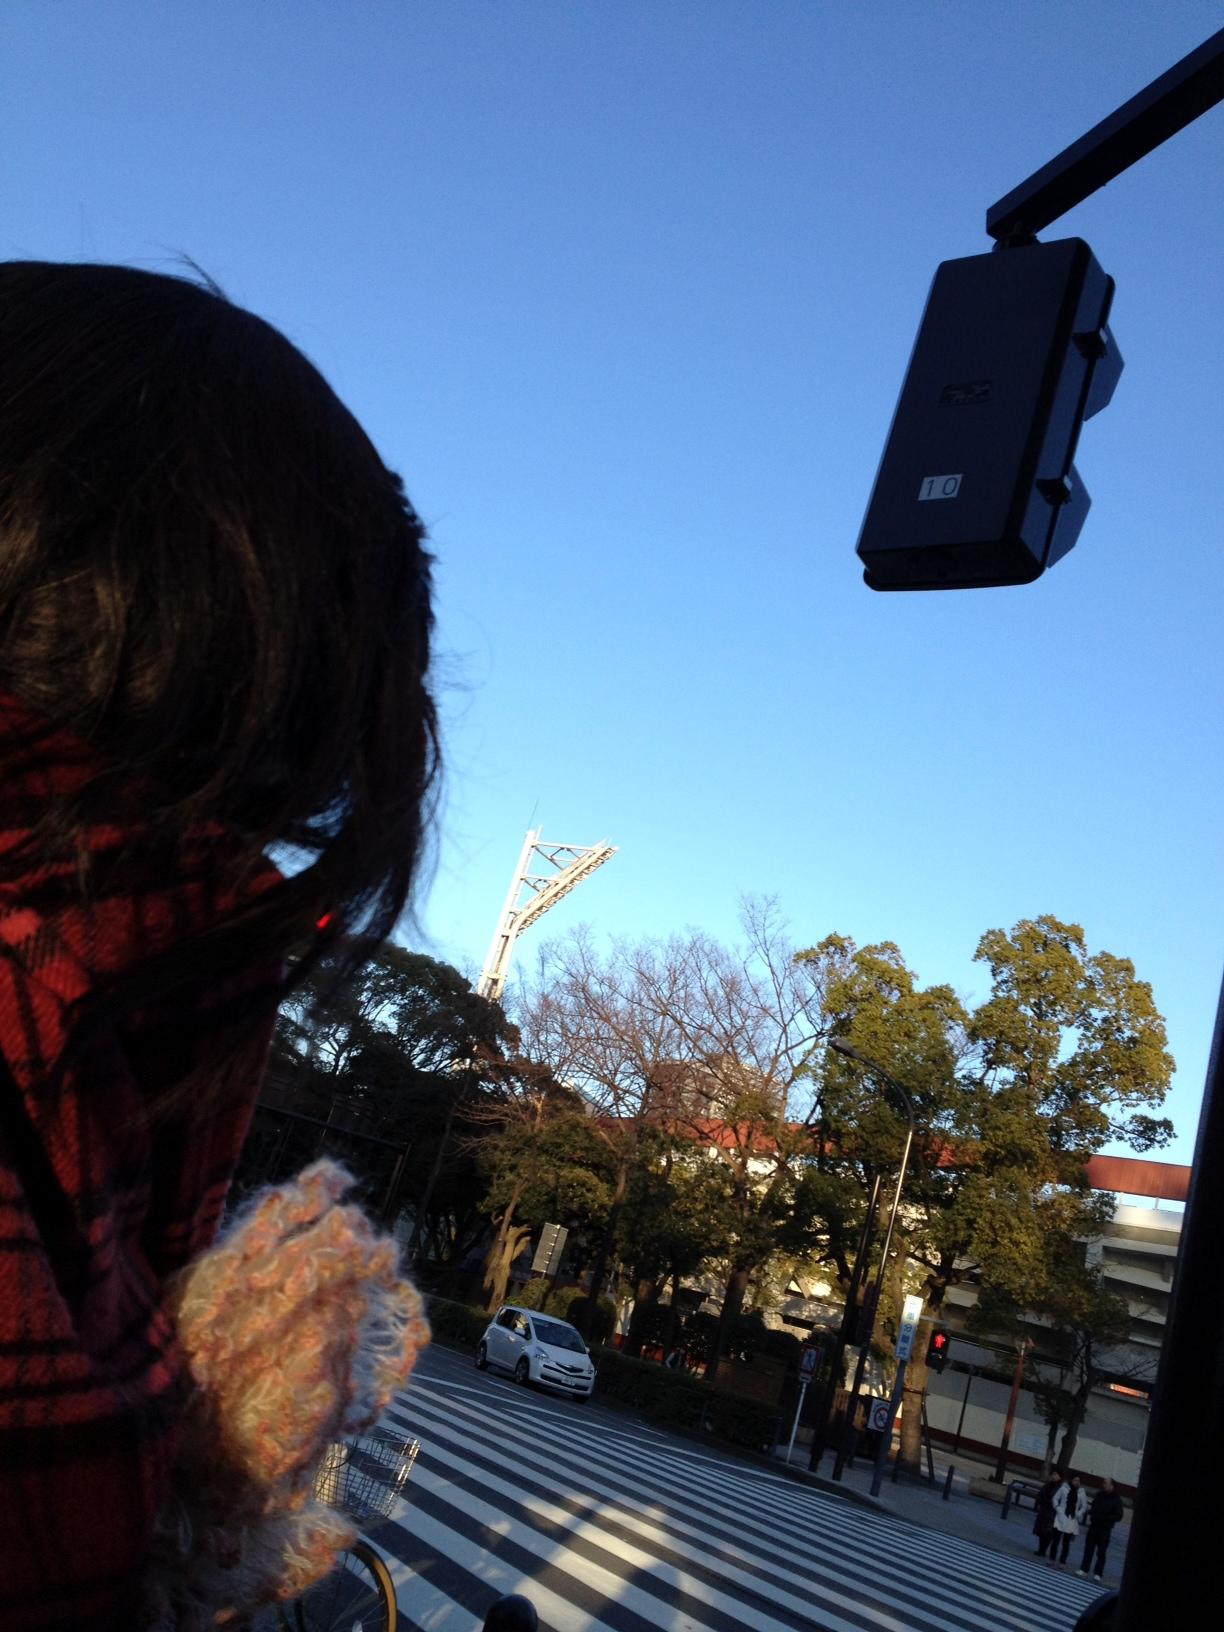 関内と言えば横浜スタジアムという私(^◇^;)ですが・・・